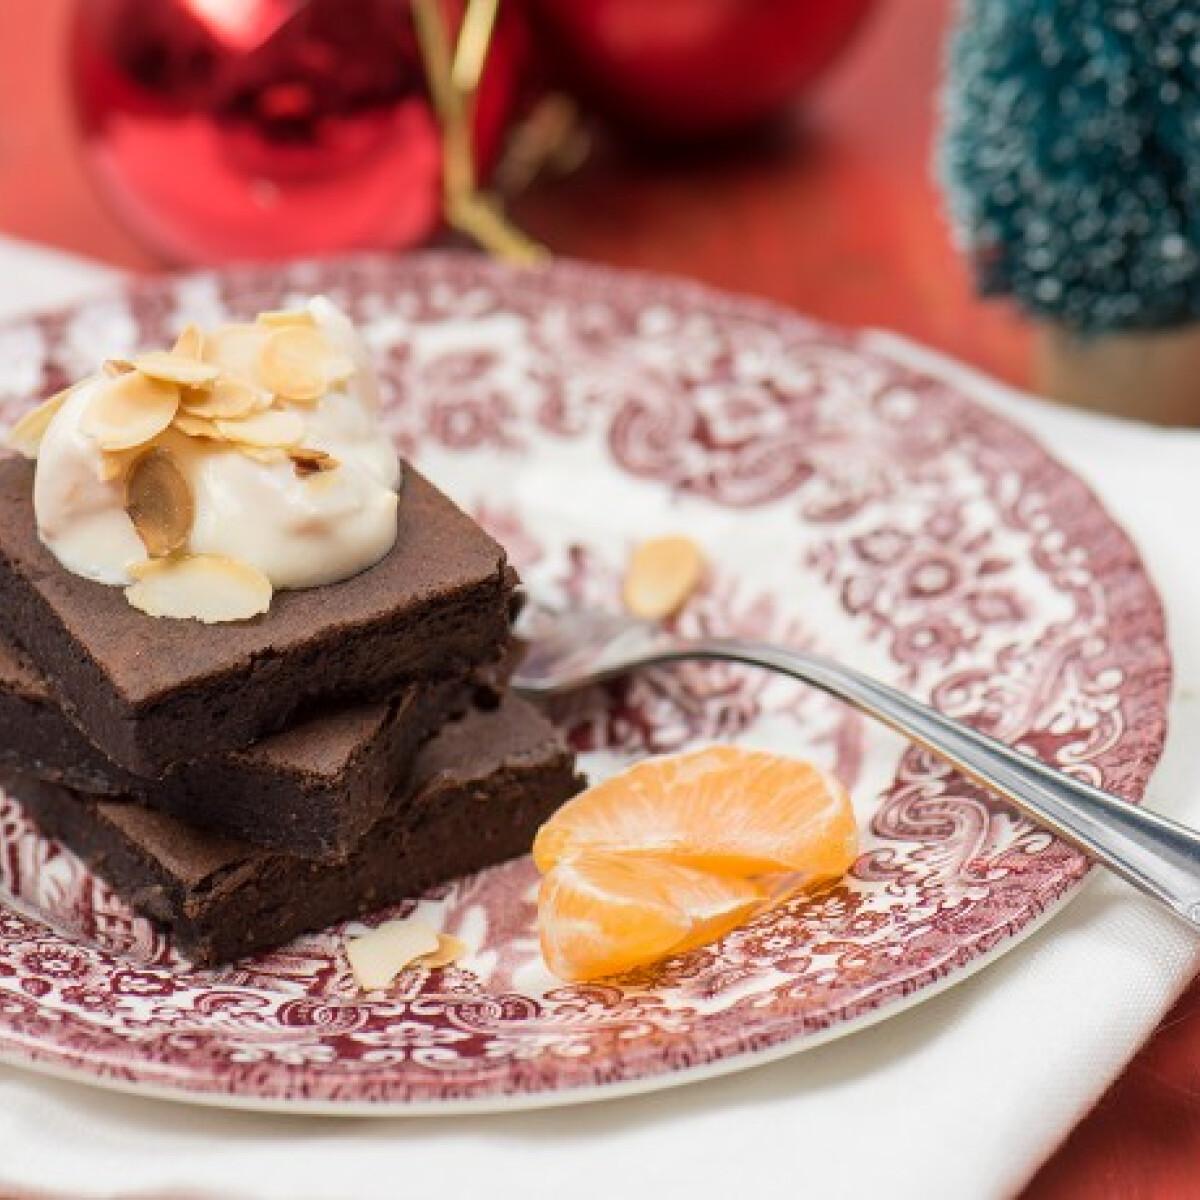 Így csökkentsd a SZÉNHIDRÁTOT az ünnepek alatt! 3 tuti tipp a dietetikustól